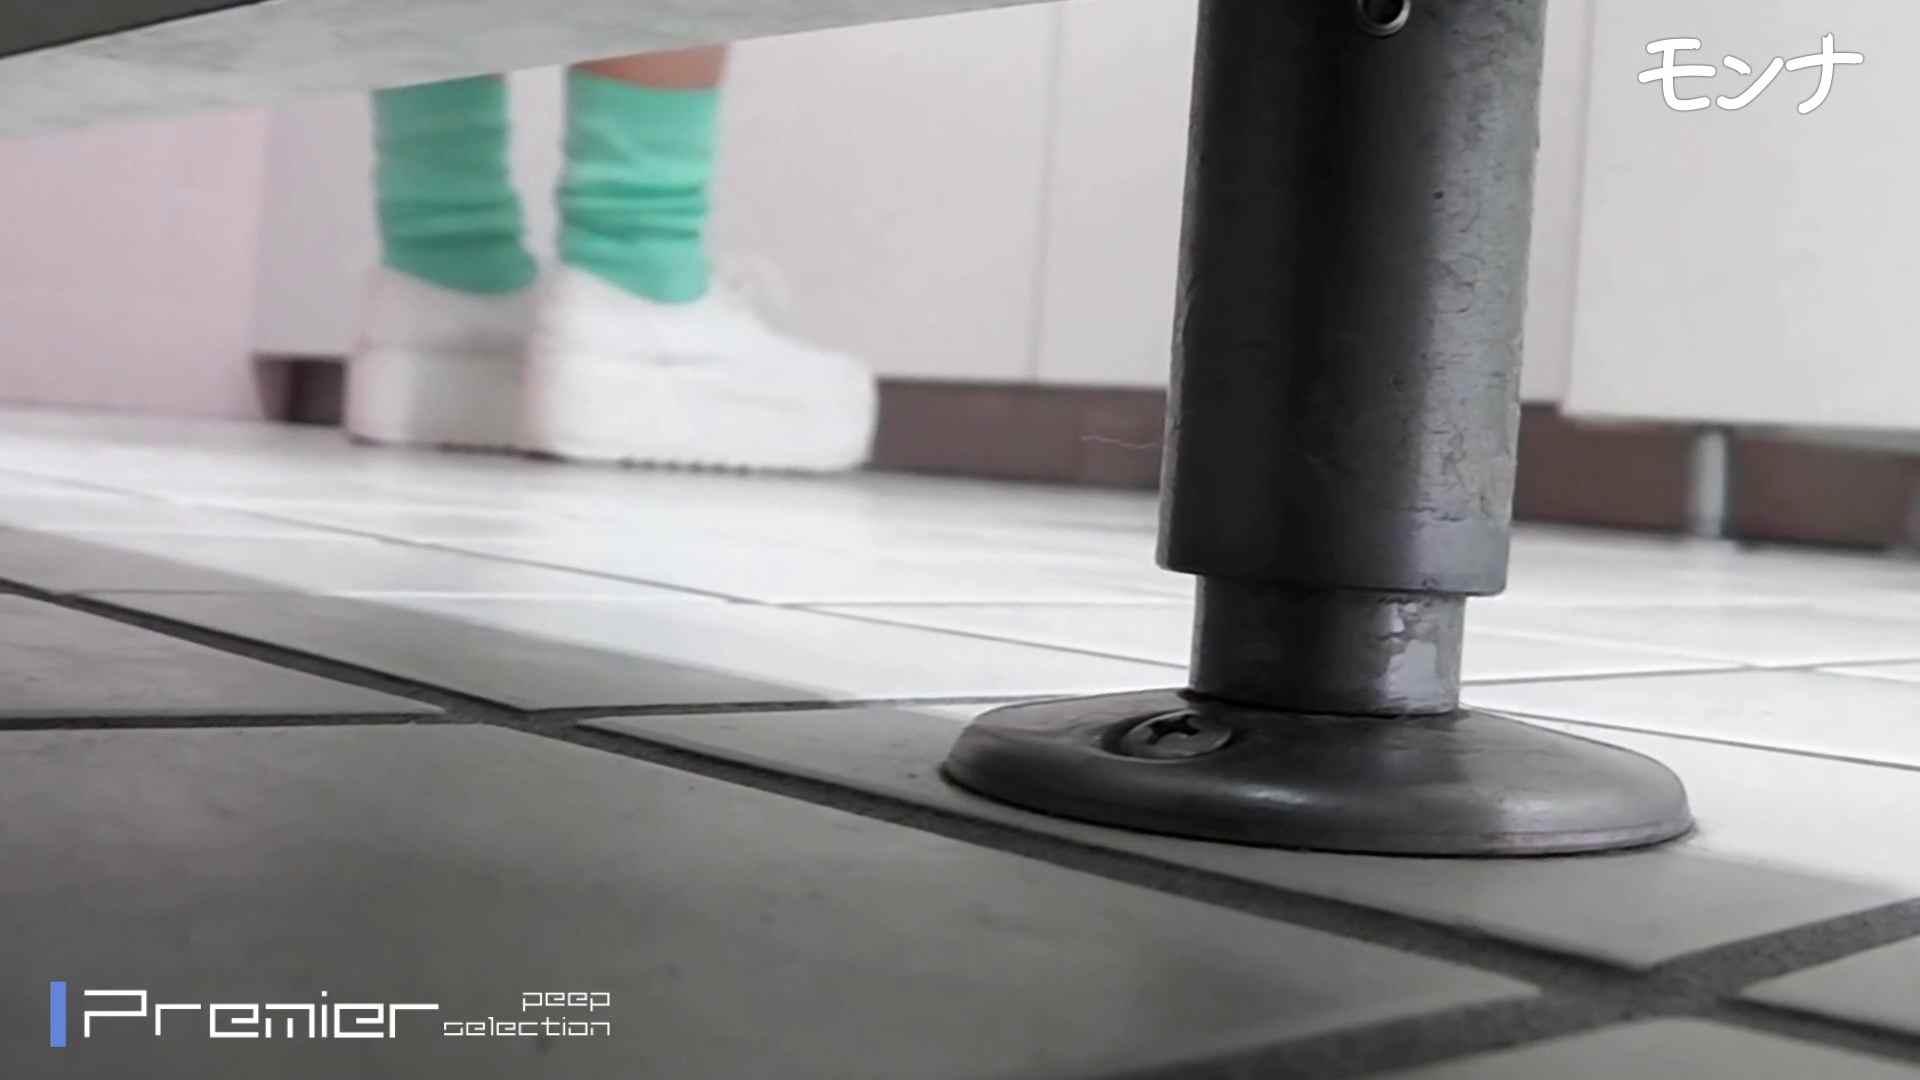 CM 悶絶シリーズ5 【美しい日本の未来 No.128】 ギャル盗撮映像 のぞき動画画像 100PIX 10